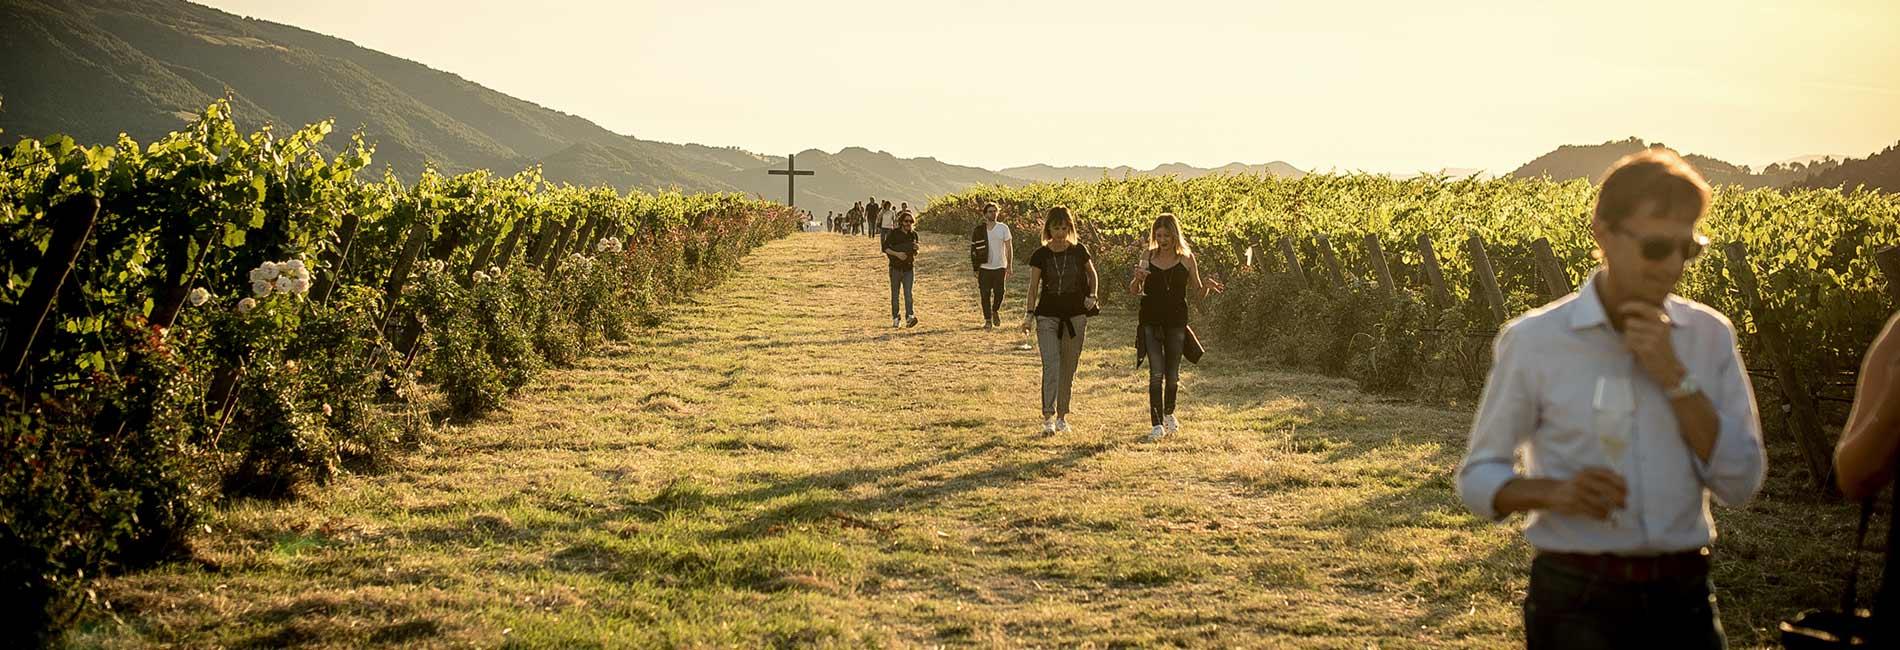 Alla scoperta del panorama vitivinicolo